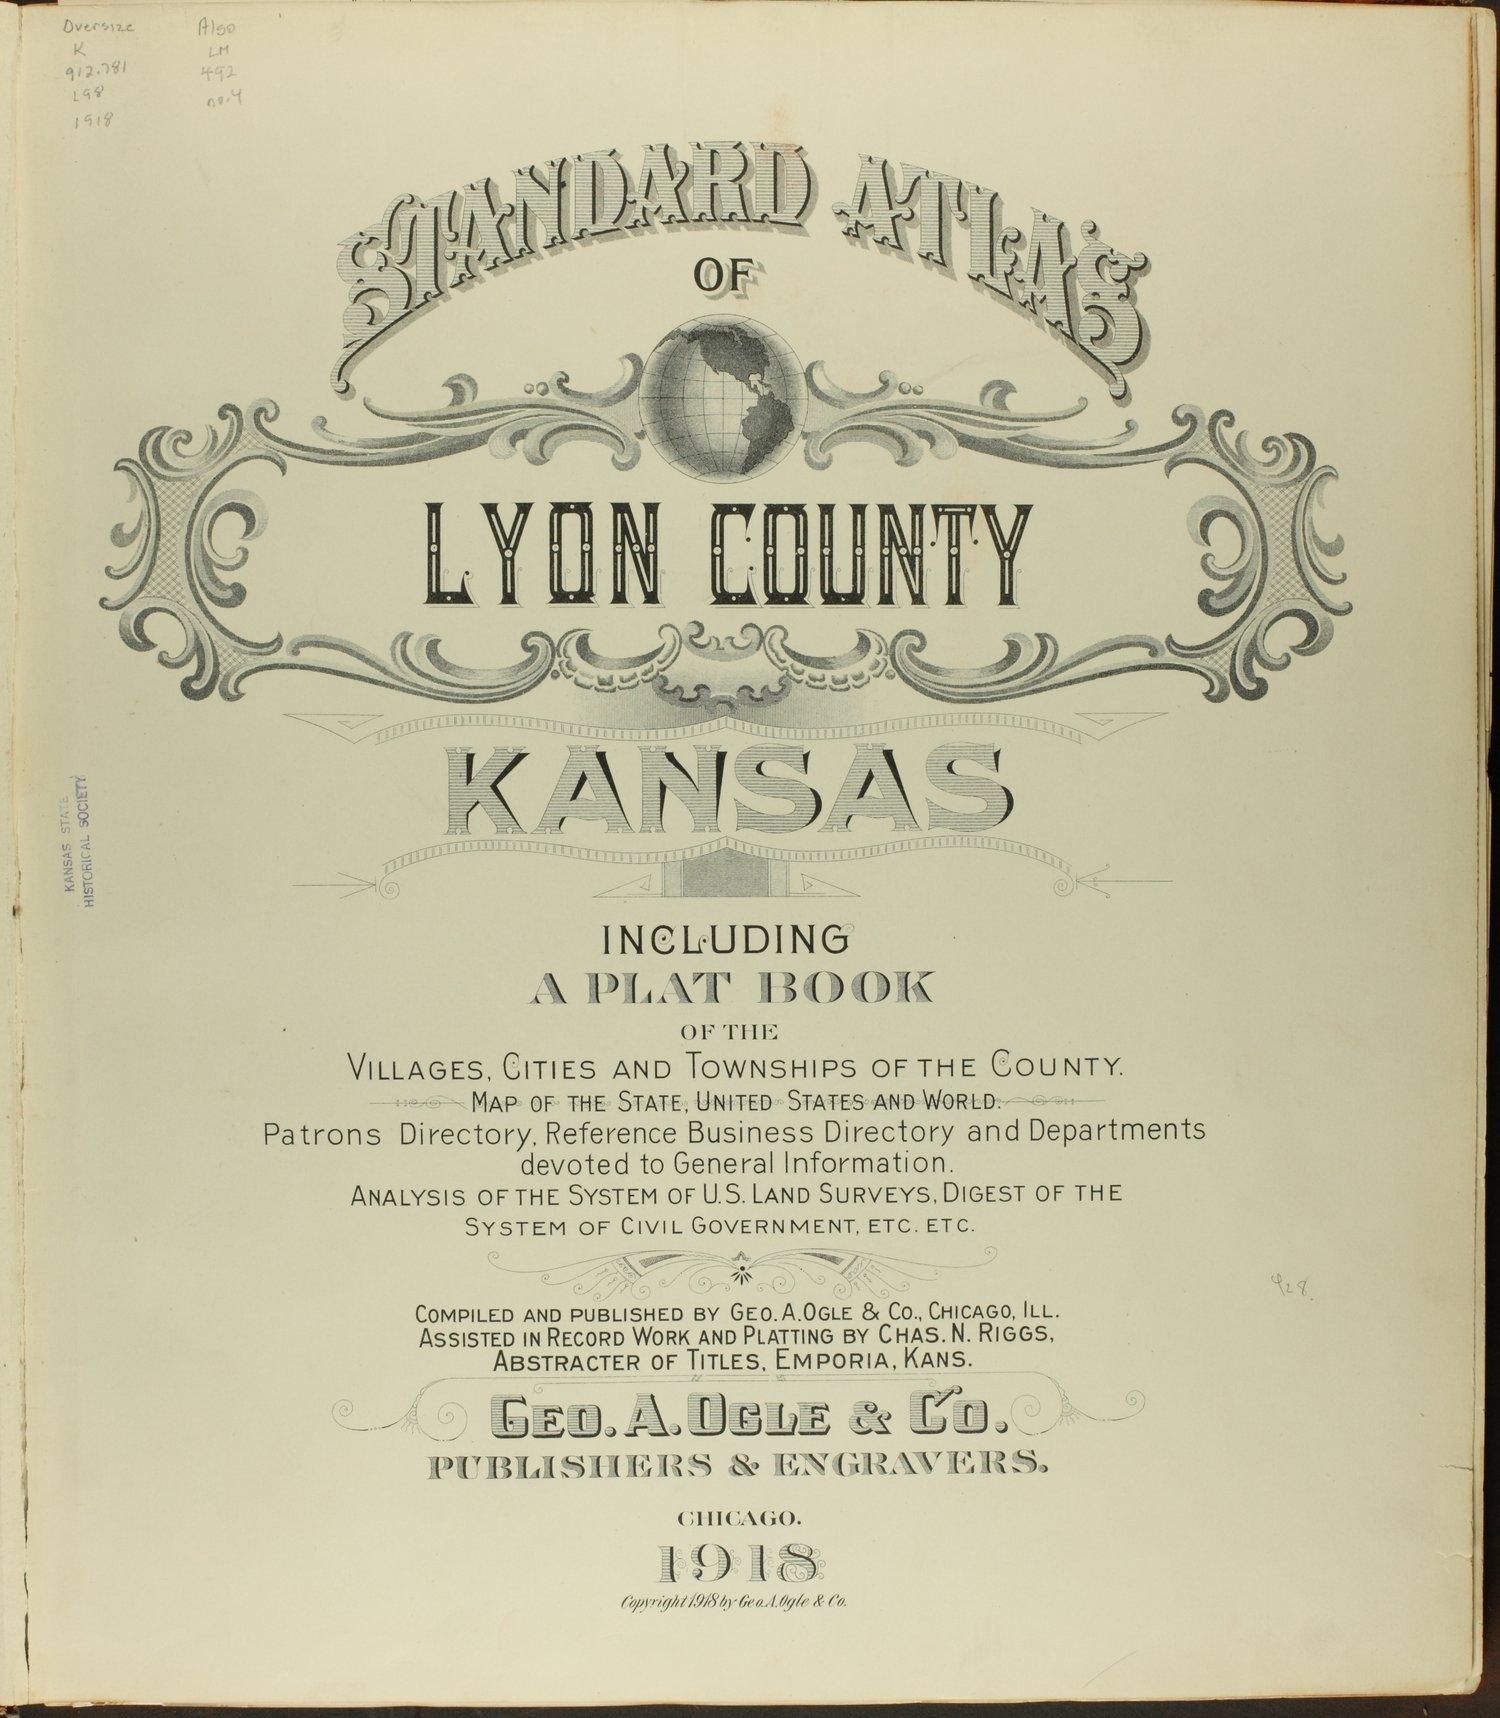 Standard atlas of Lyon County, Kansas - Title Page